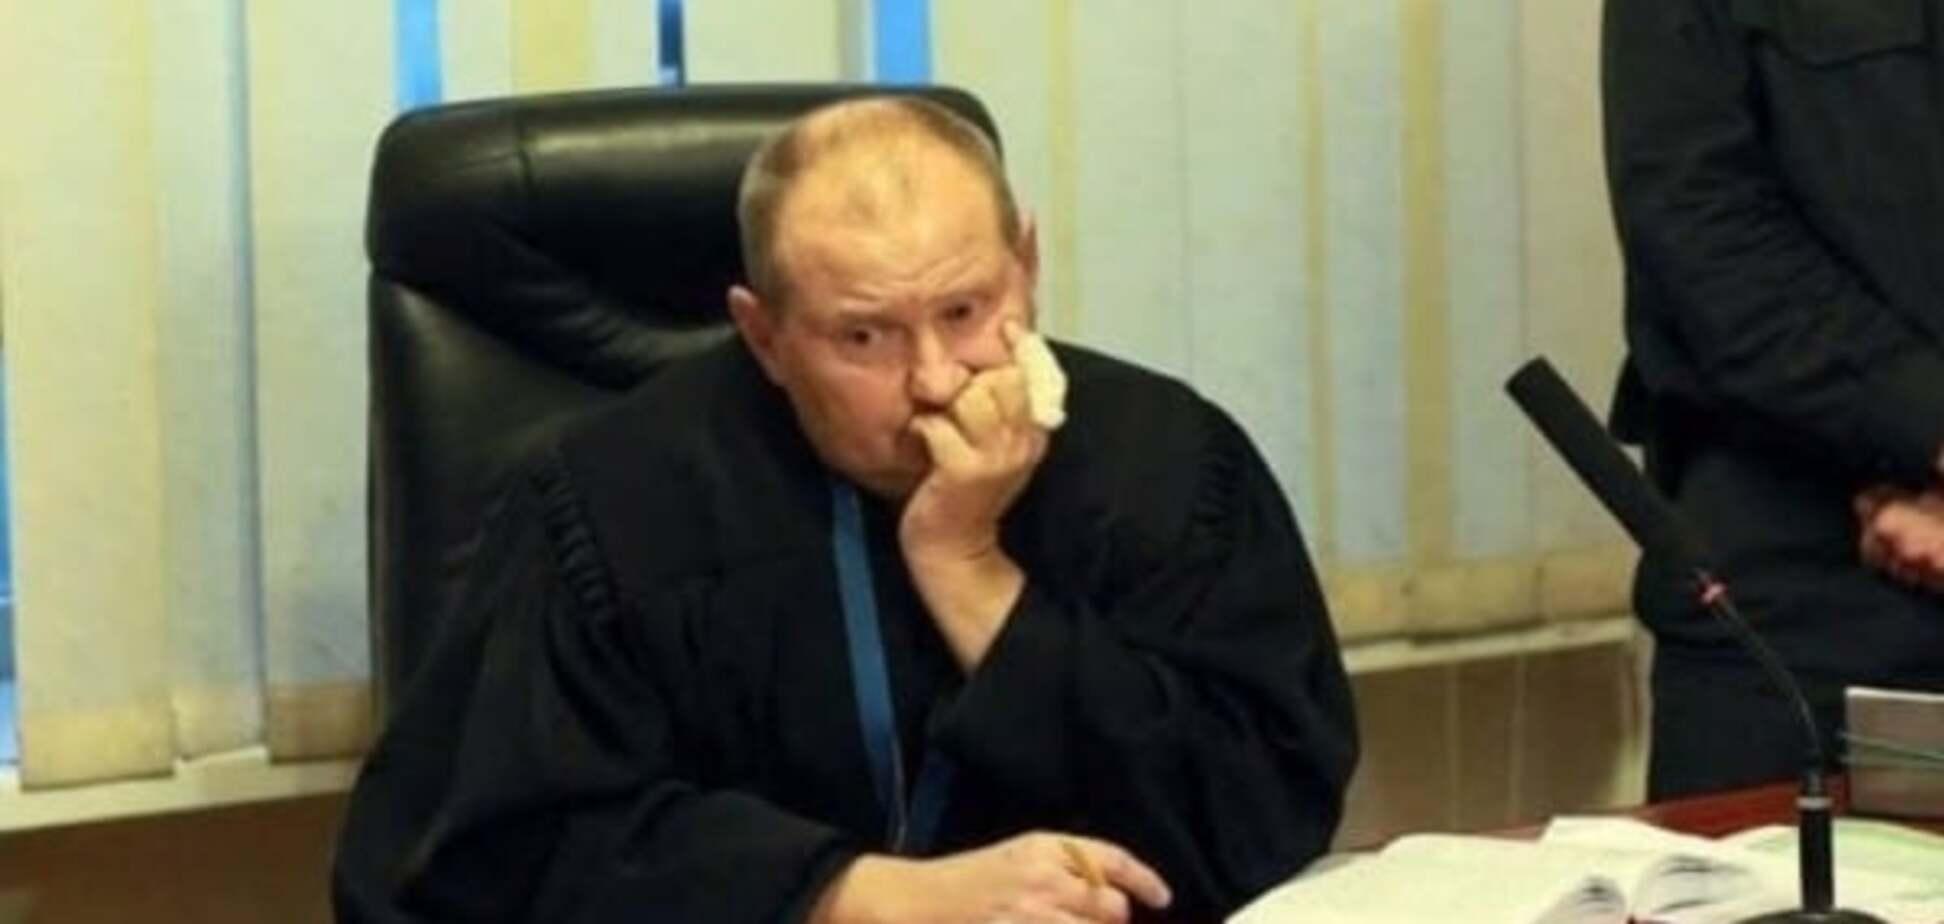 Рада дала добро на арест судьи Чауса